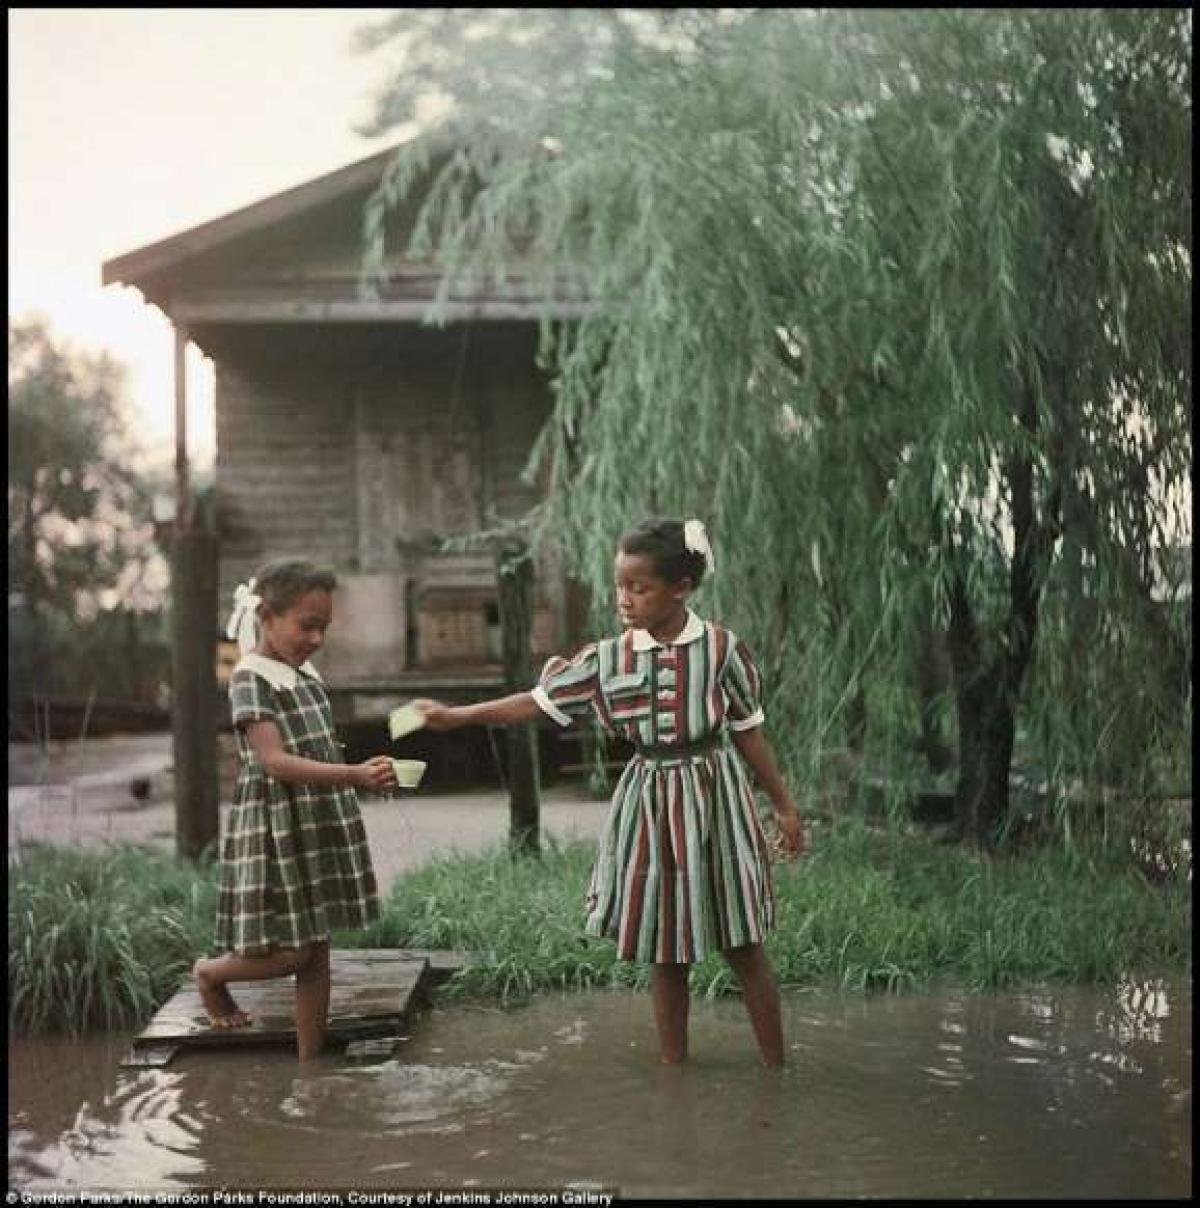 Gordon Parks trở thành phóng viên ảnh da màu đầu tiên của tạp chí Life vào năm 1956, nơi ông kể câu chuyện về gia đình Thornton, những người sống ở Jim Crow South. Các bức ảnh của Parks cho thấy cuộc sống hàng ngày của gia đình tại bang Alabama và họ bị ảnh hưởng sâu sắc như thế nào bởi sự phân biệt chủng tộc.